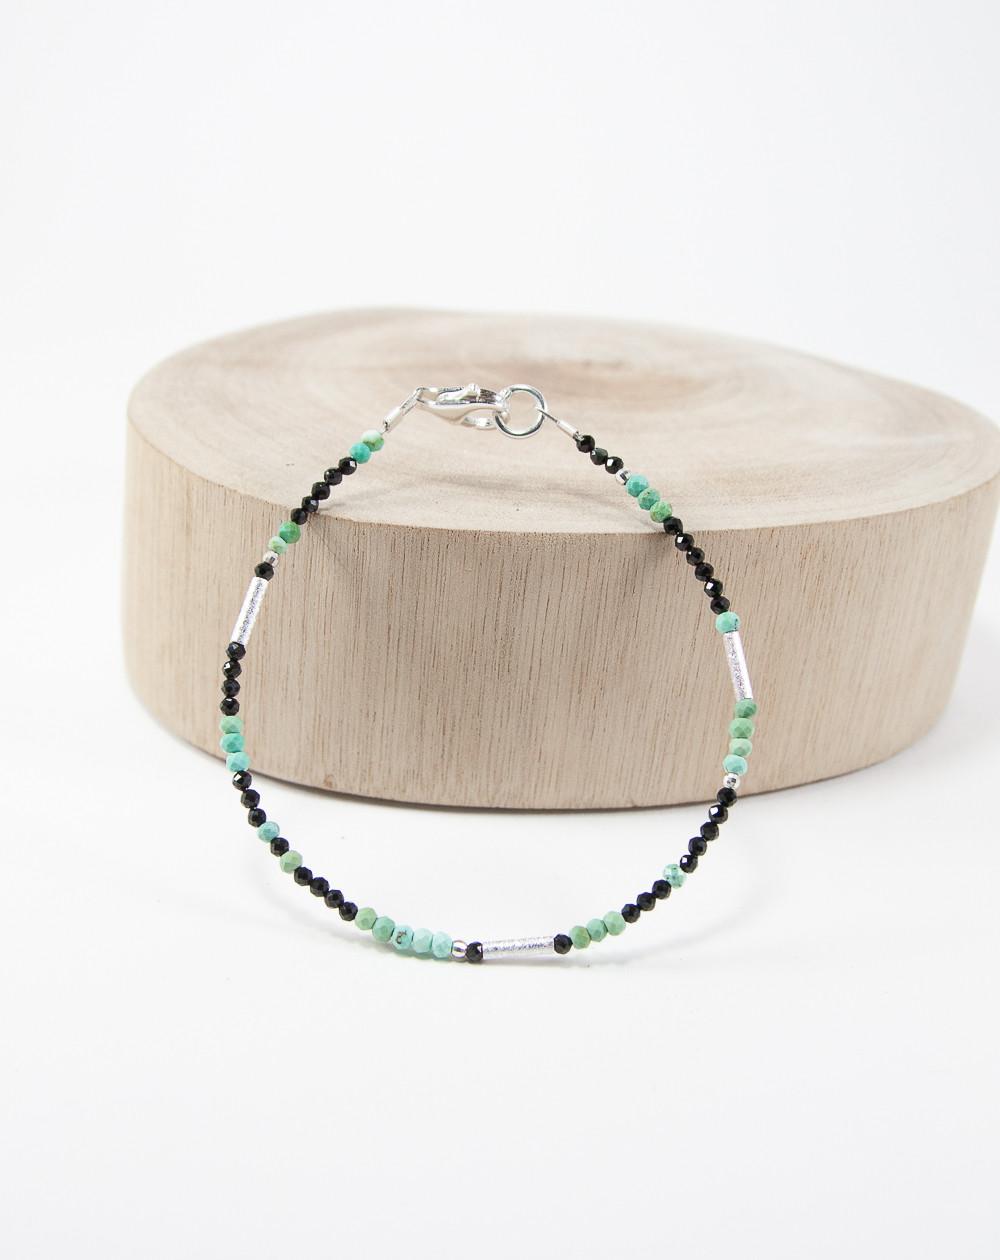 Bracelet collection épure Turquoise Spinelle noir, Sanuk Création